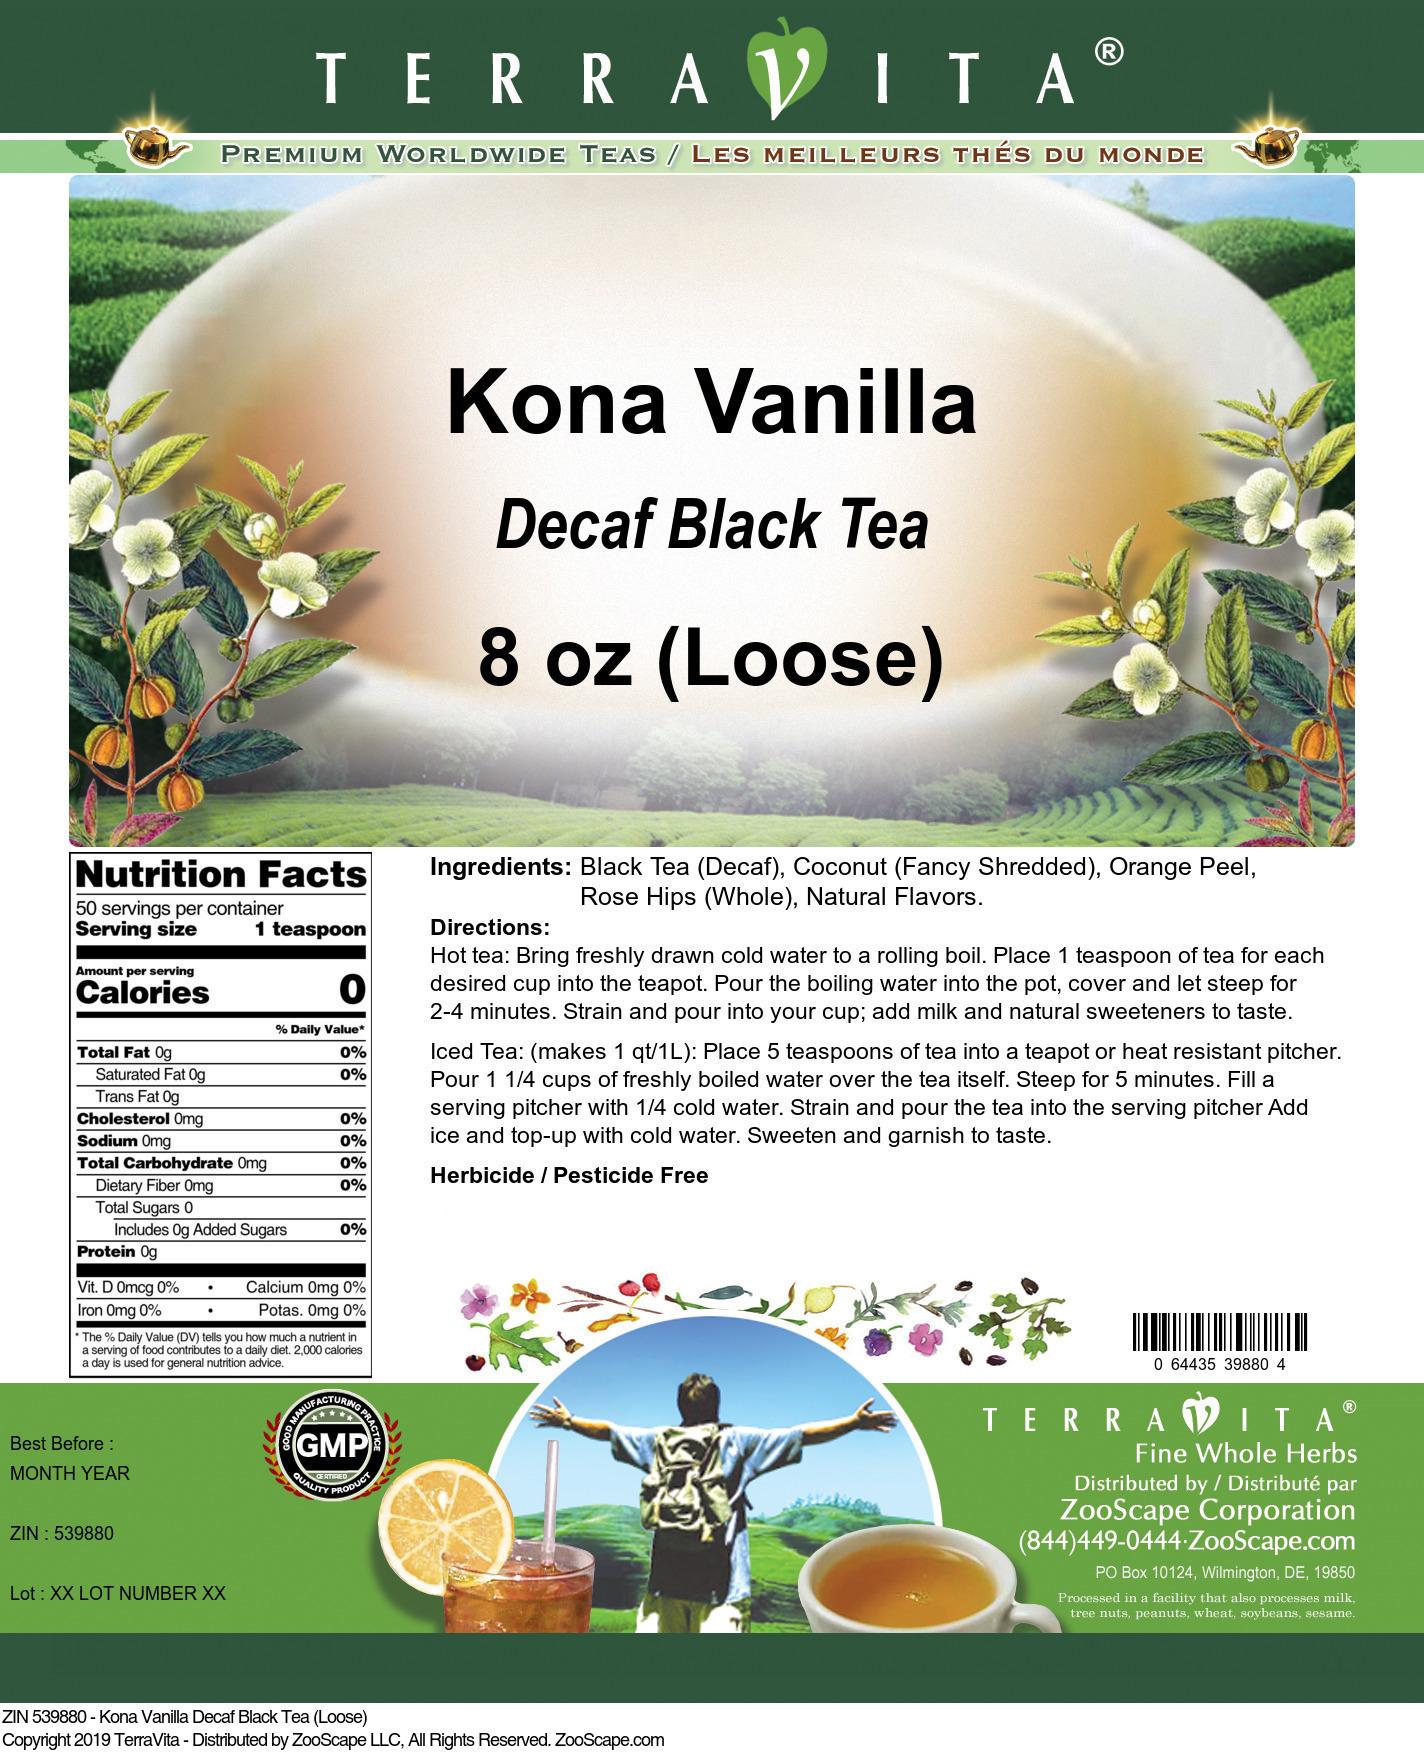 Kona Vanilla Decaf Black Tea